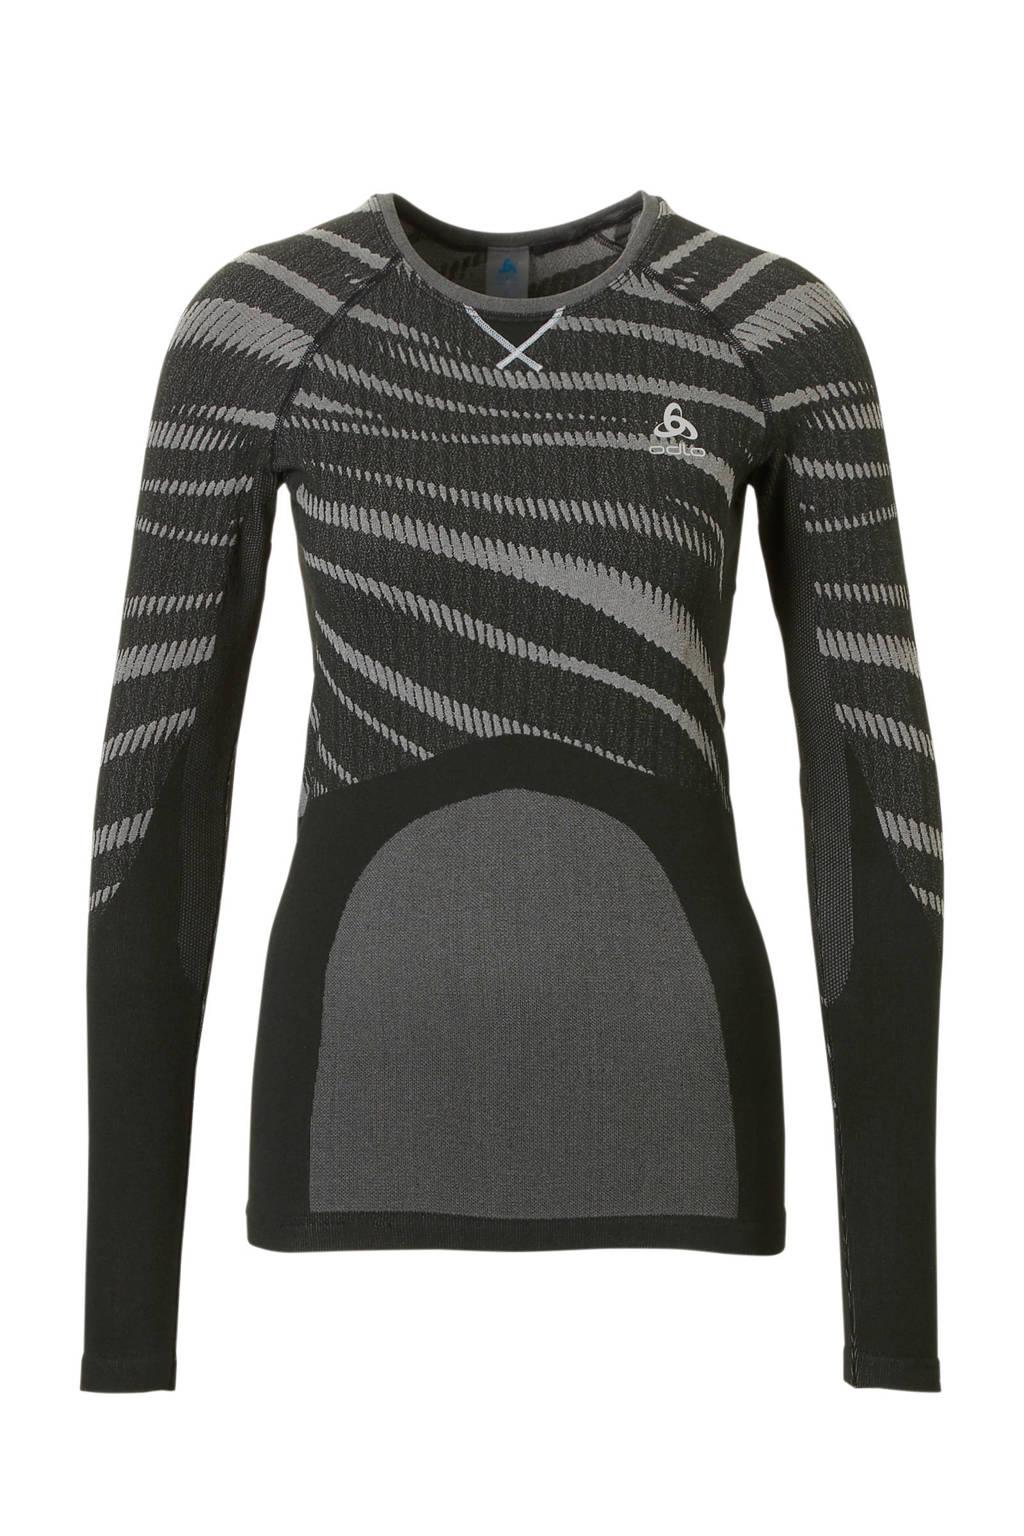 Odlo sport T-shirt thermo zwart/grijs, Zwart/grijs